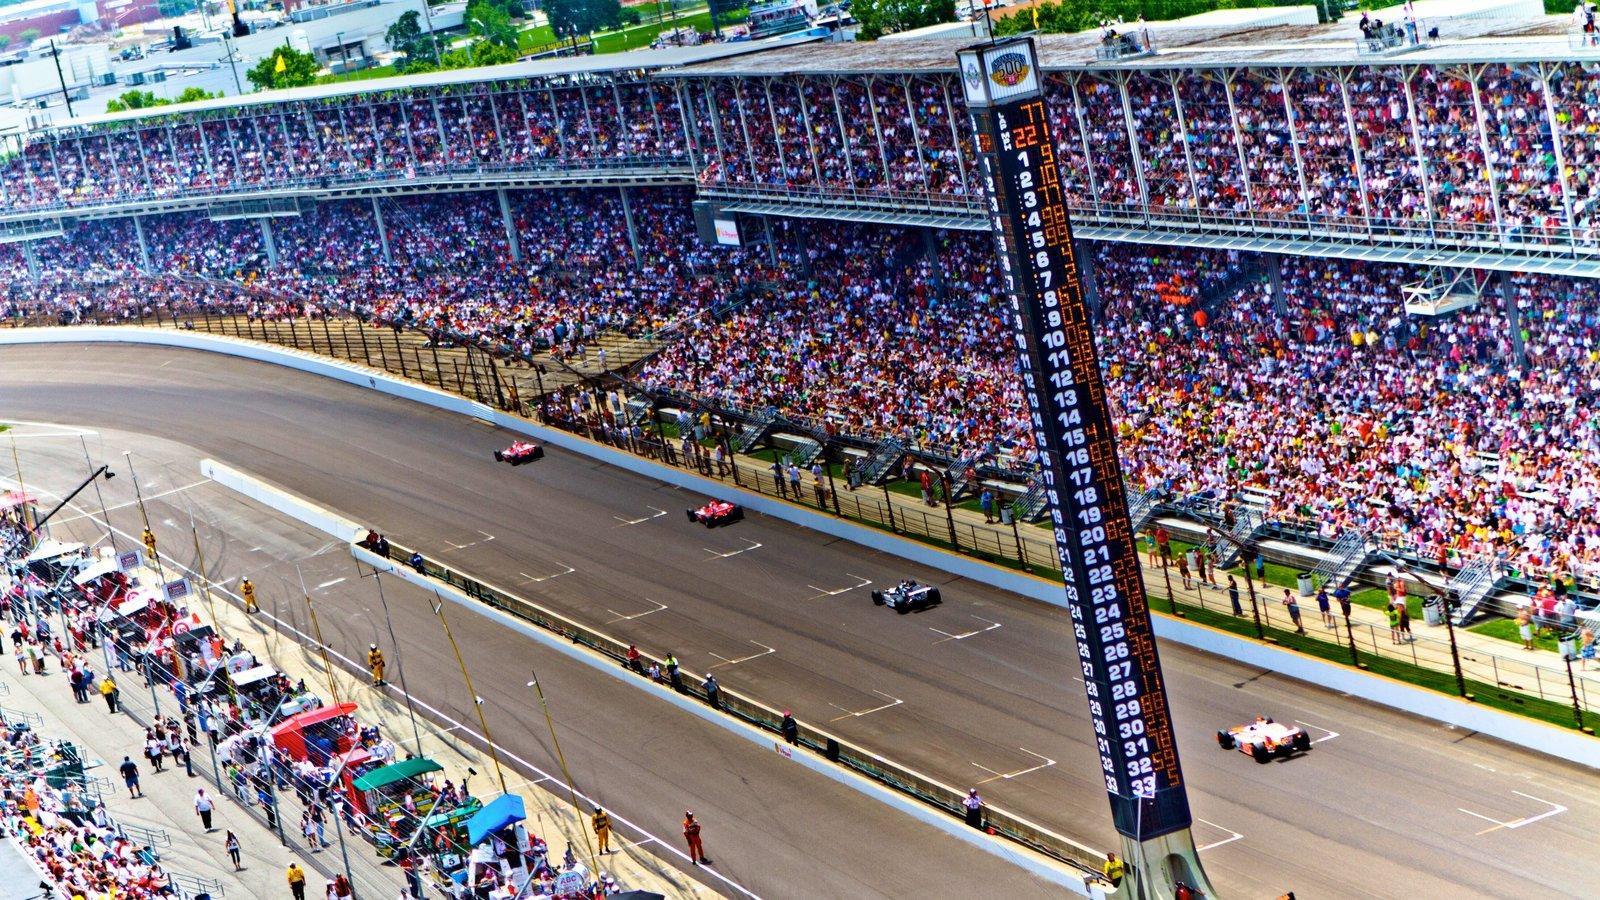 Indianápolis mostrando un evento deportivo y también un gran grupo de personas